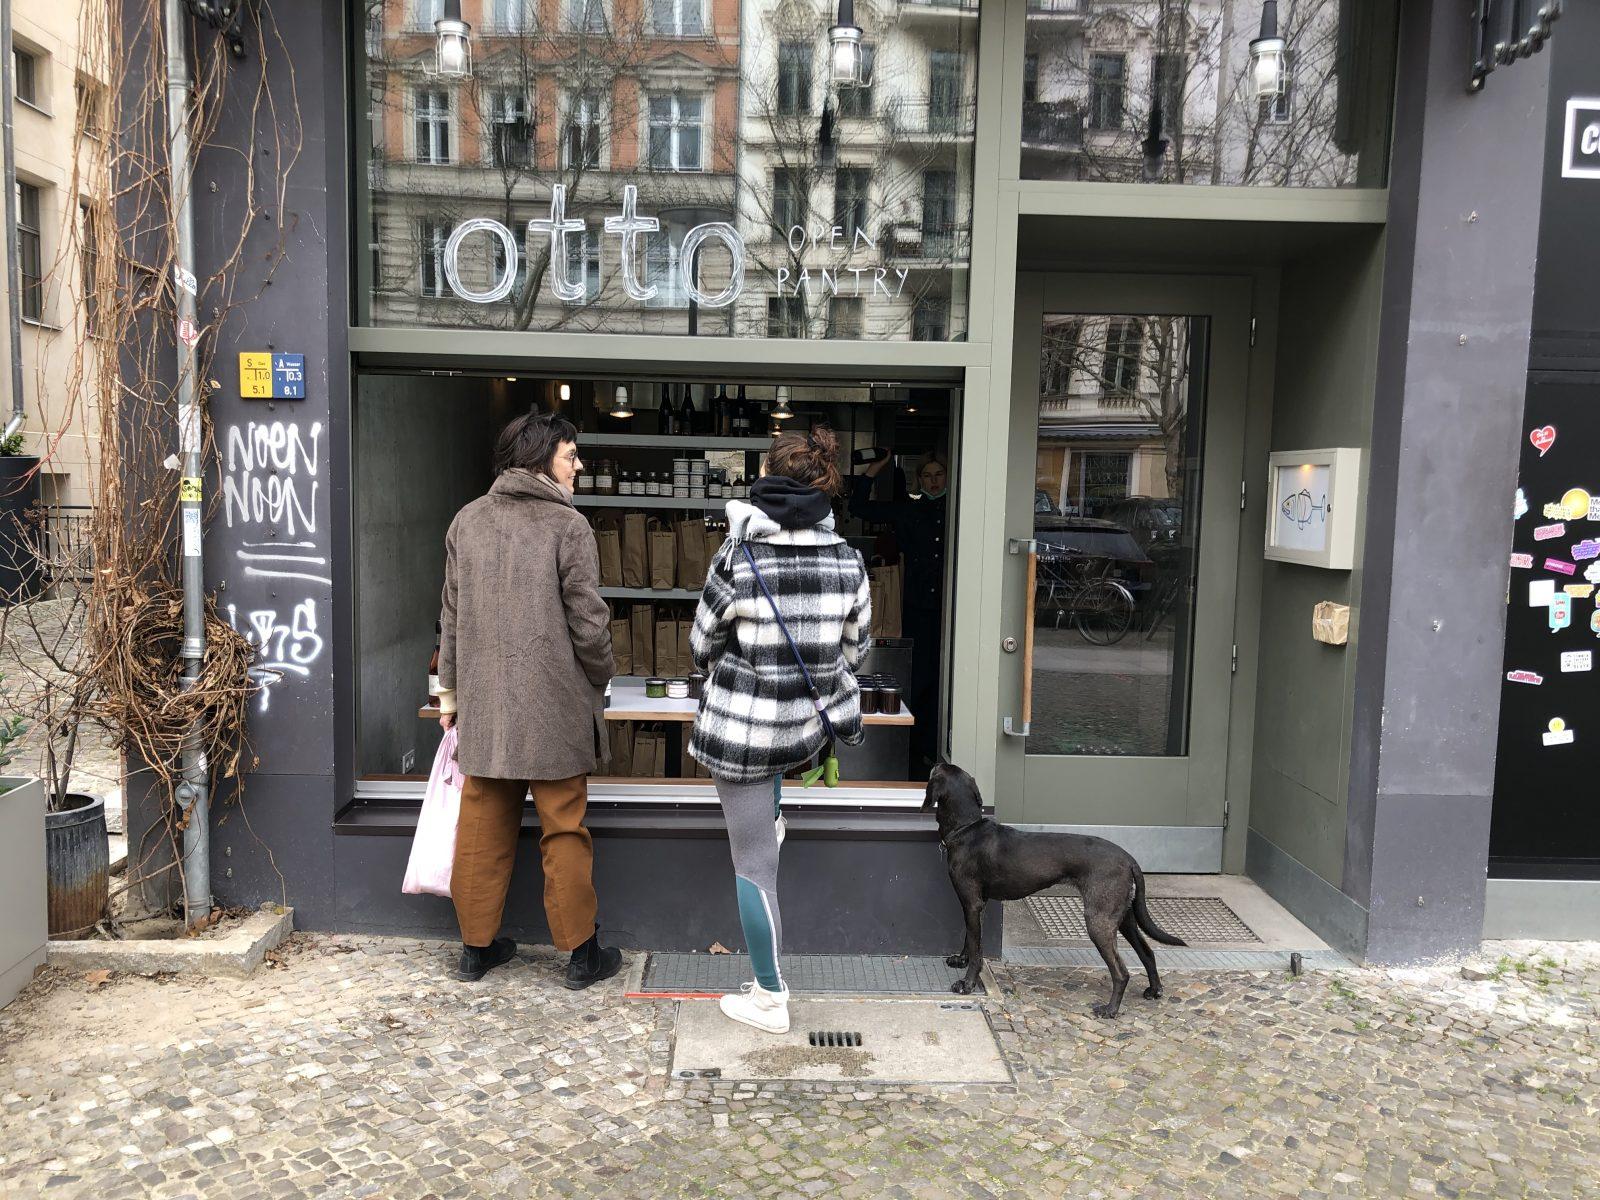 Das Restaurant Otto hat seine Otto Pantry wieder aufleben lassen: aus dem Lokal wird ein Delikatessengeschäft. Delikatessen aus der Restaurantküche